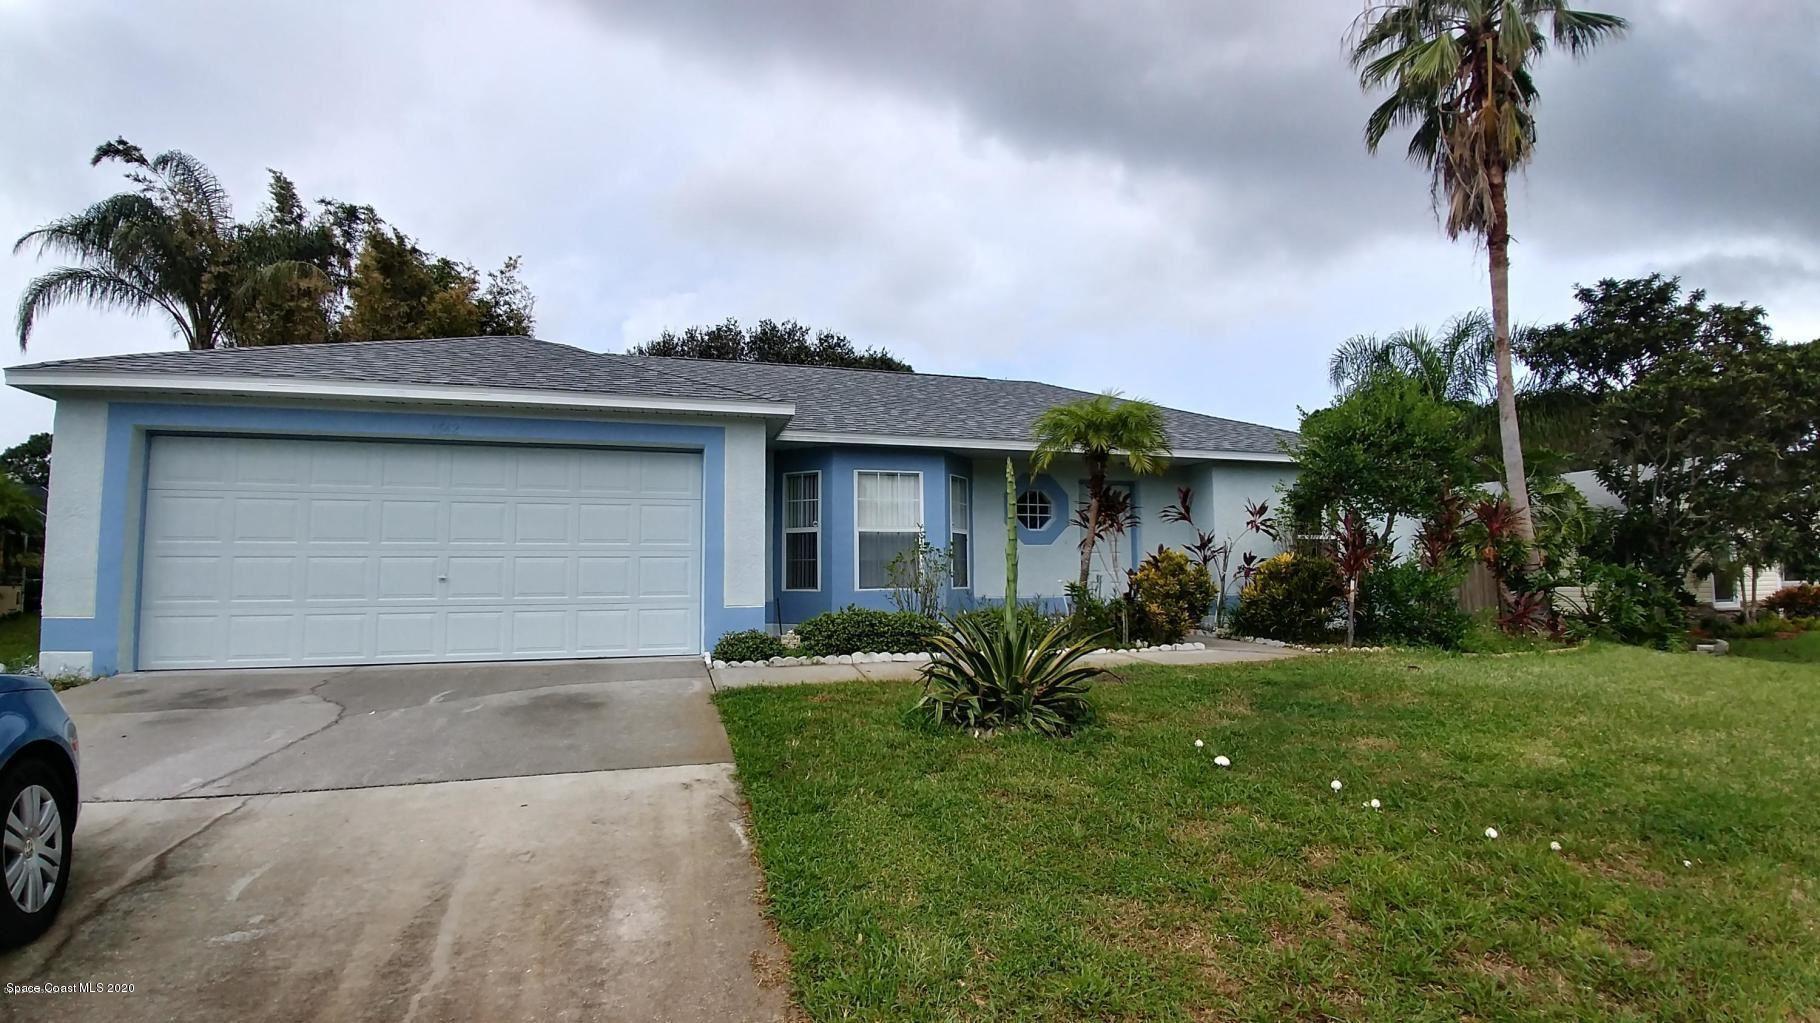 1642 Emerson Drive, Palm Bay, FL 32909 - #: 867607